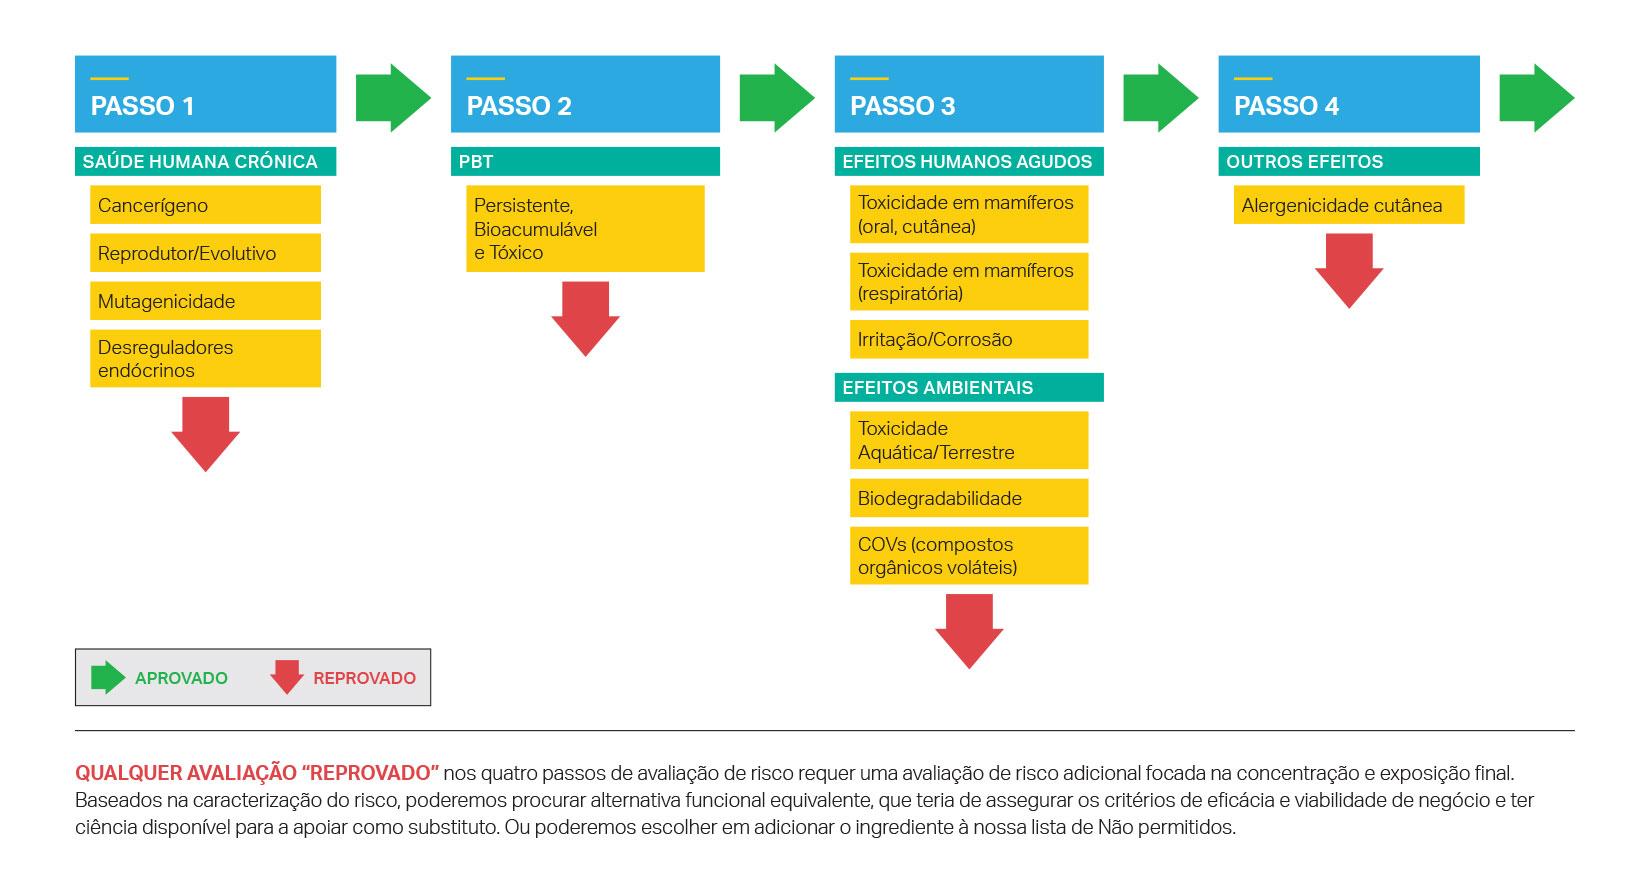 Avaliação de risco com quatro passos da SC Johnson para os ingredientes dos produtos